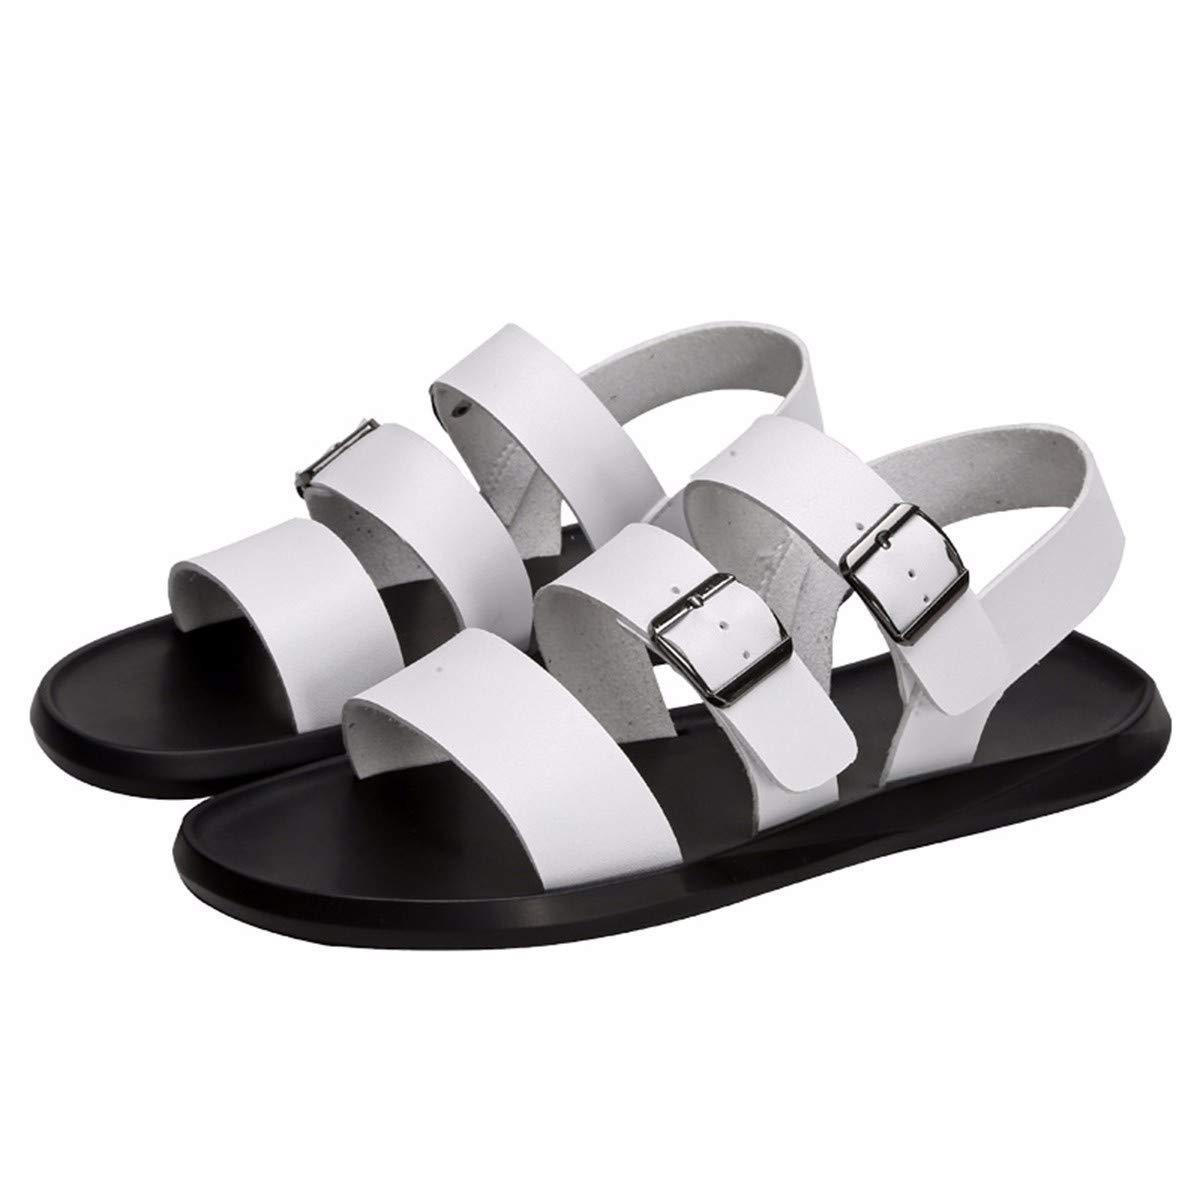 KMJBS Herren Schuhe Herren Sandaleen Sommer Zehen Freizeit Schuhe Weiße Weiche Hose Echtleder